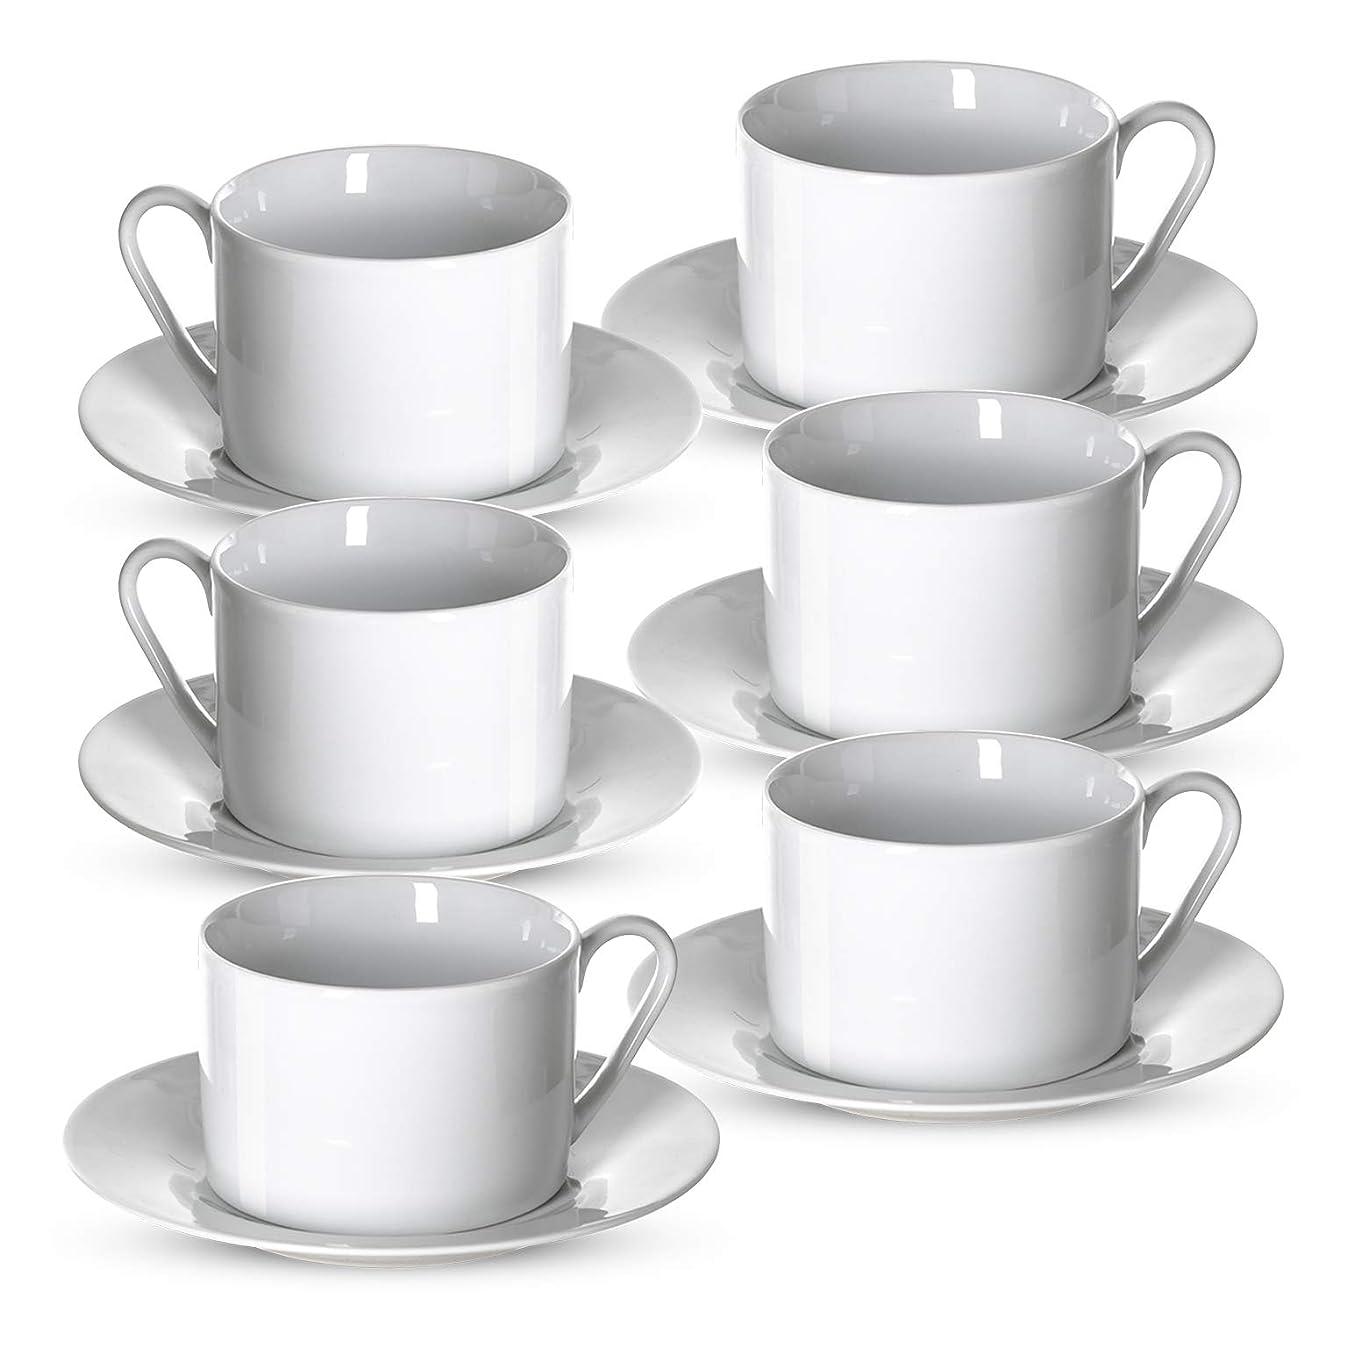 Klikel Tea Cups and Saucers Set | 6 Piece White Coffee Mug Set | 6